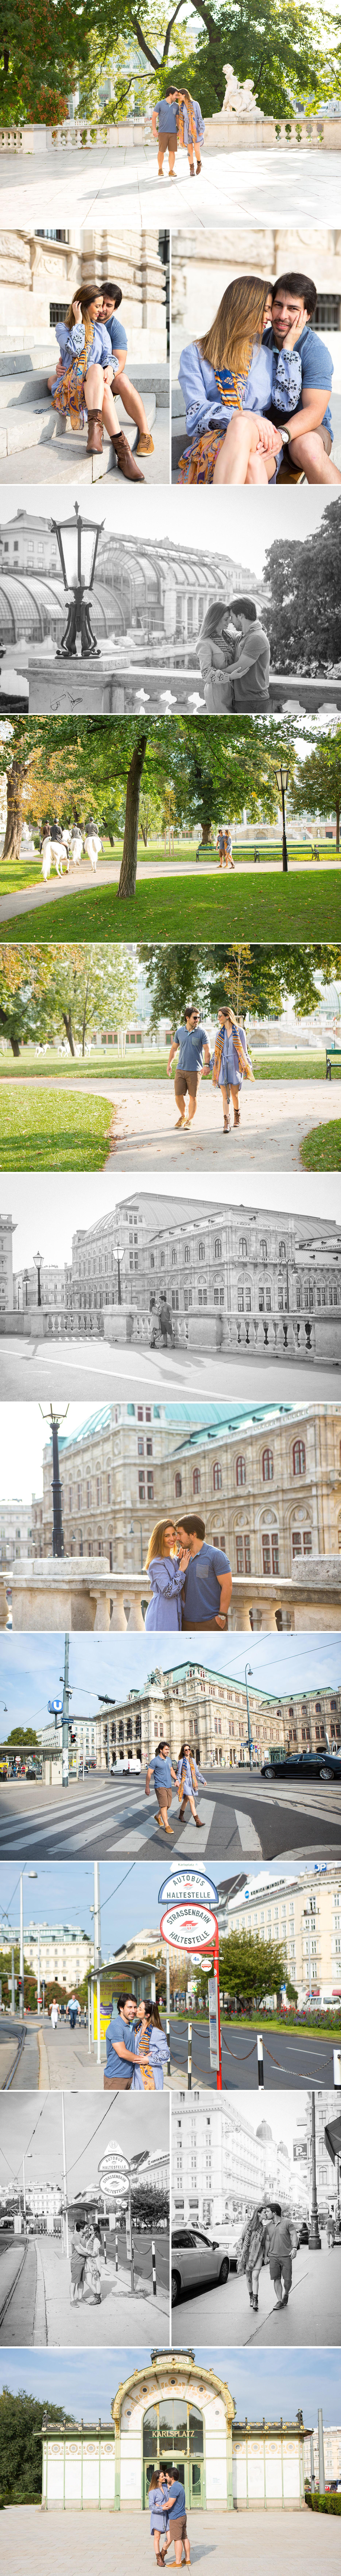 Fotoshooting Wien